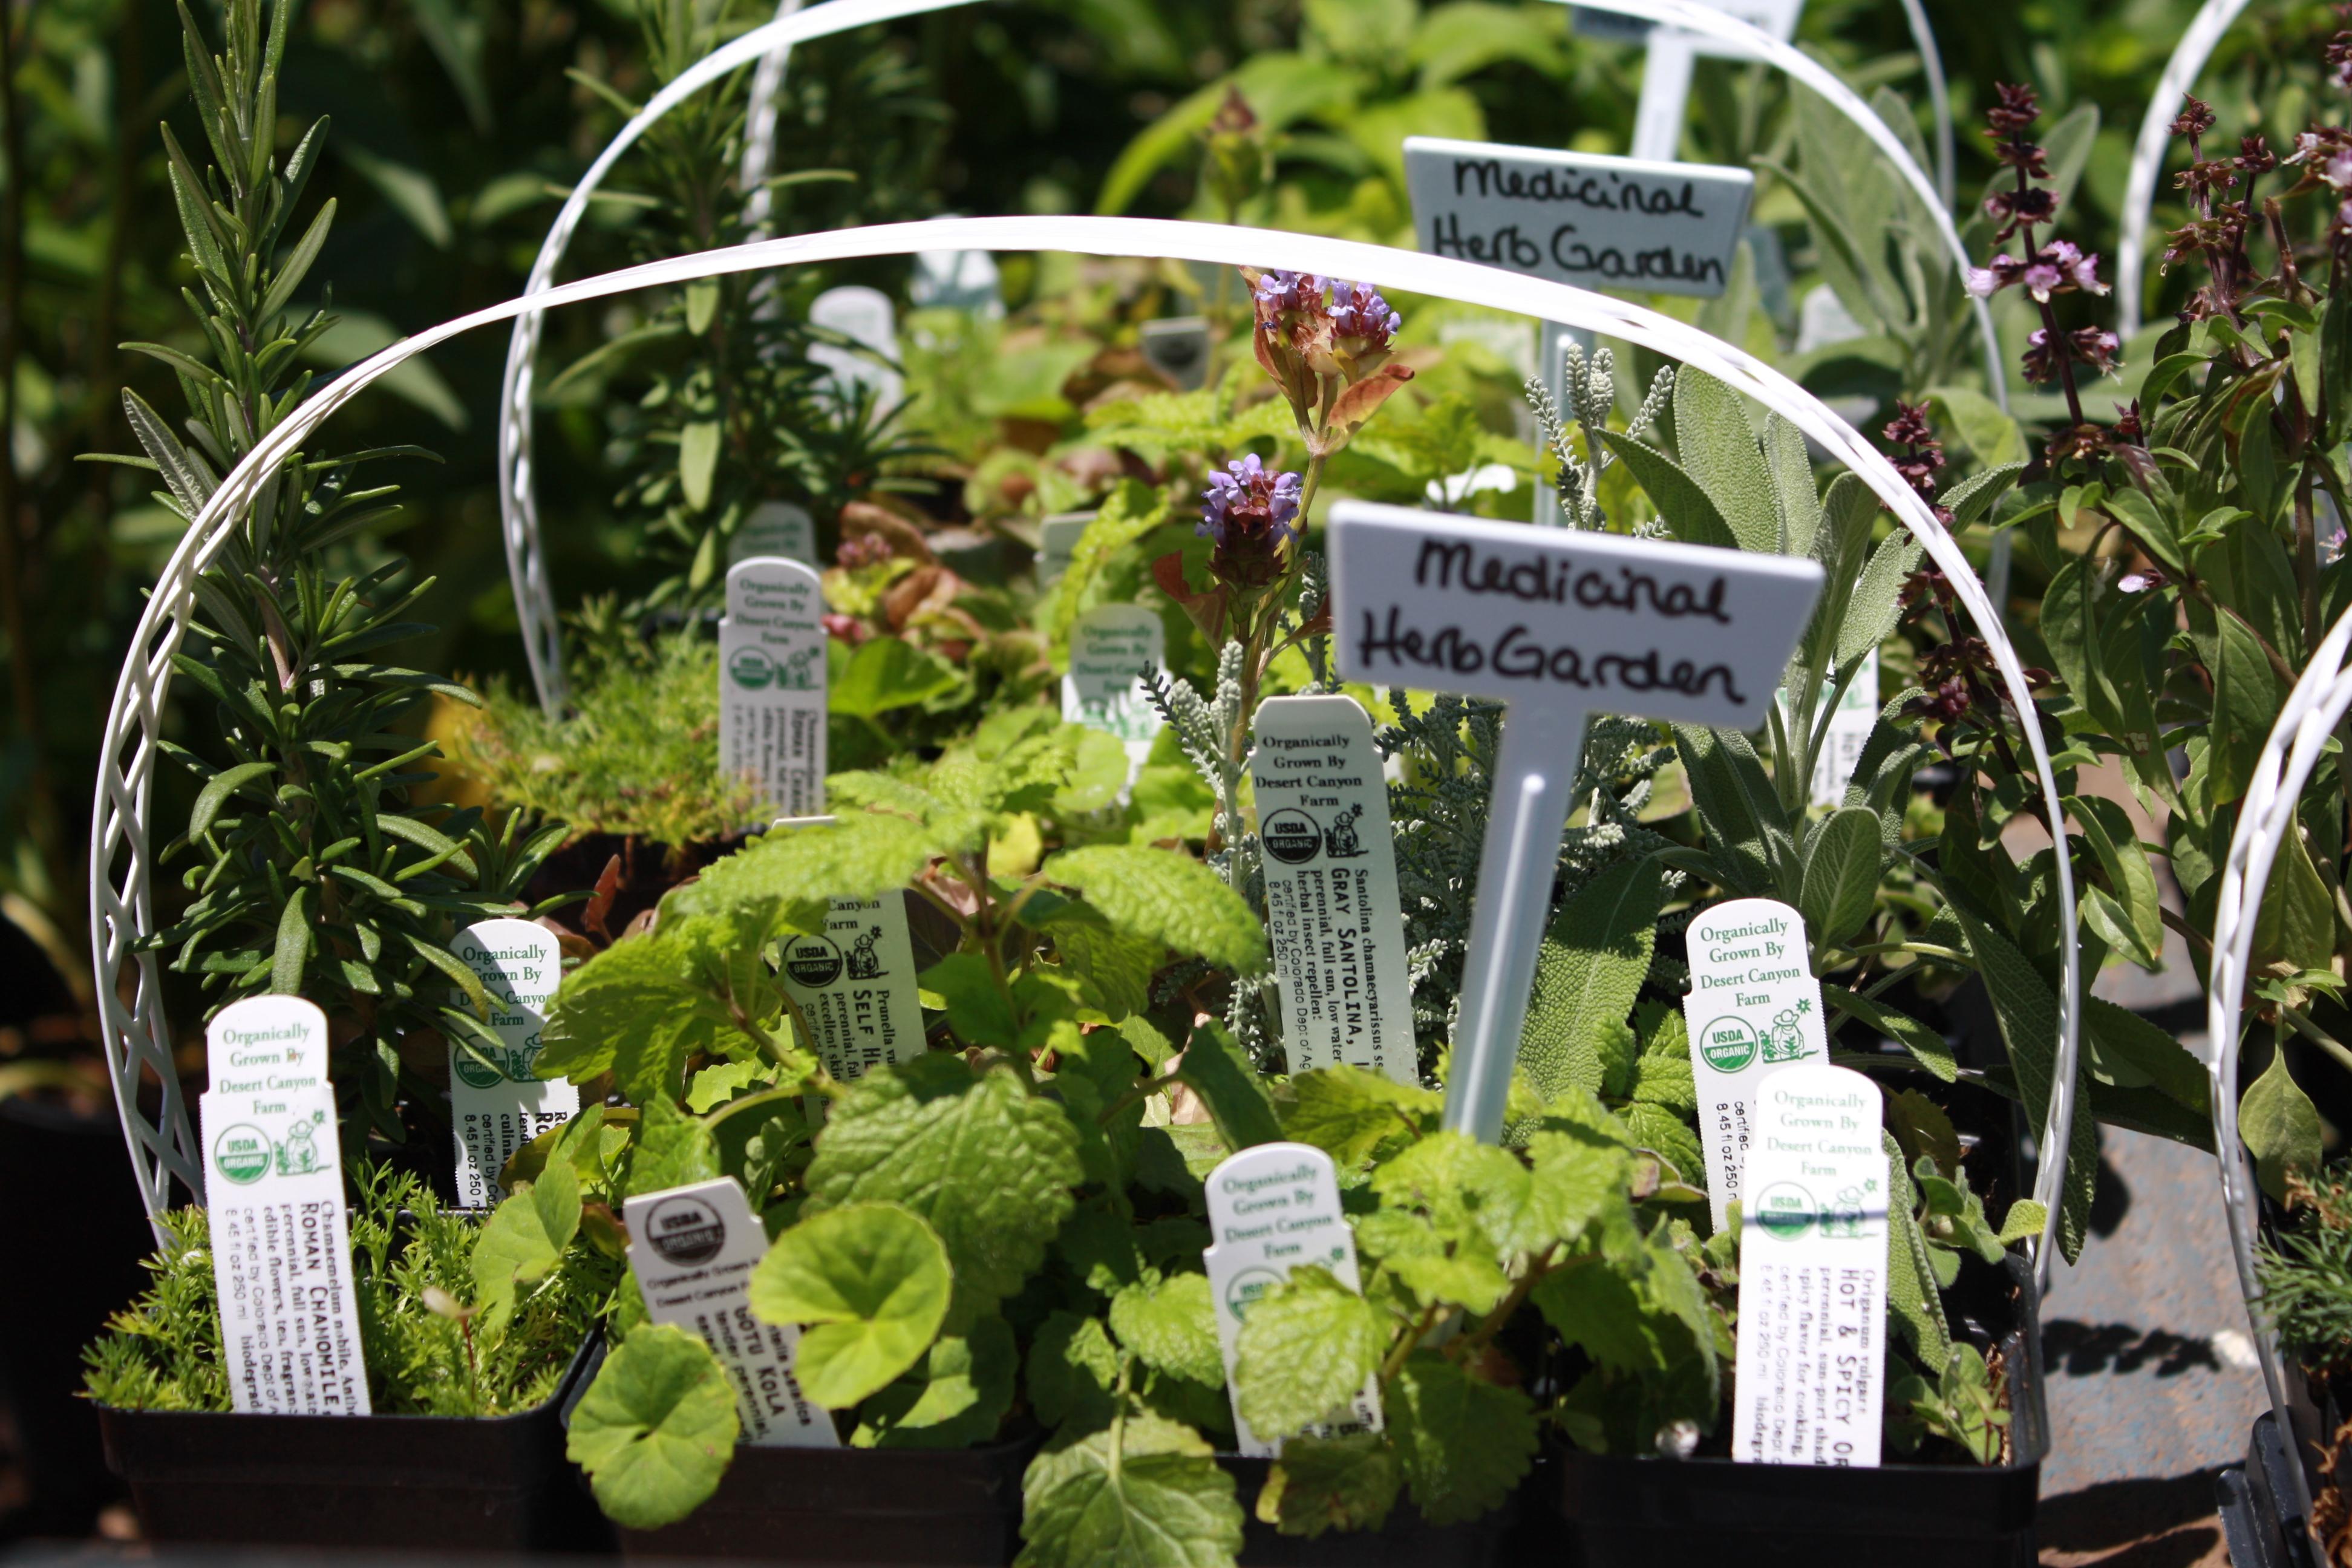 Tuesday albuquerque s best plant nurseries plants of the southwest